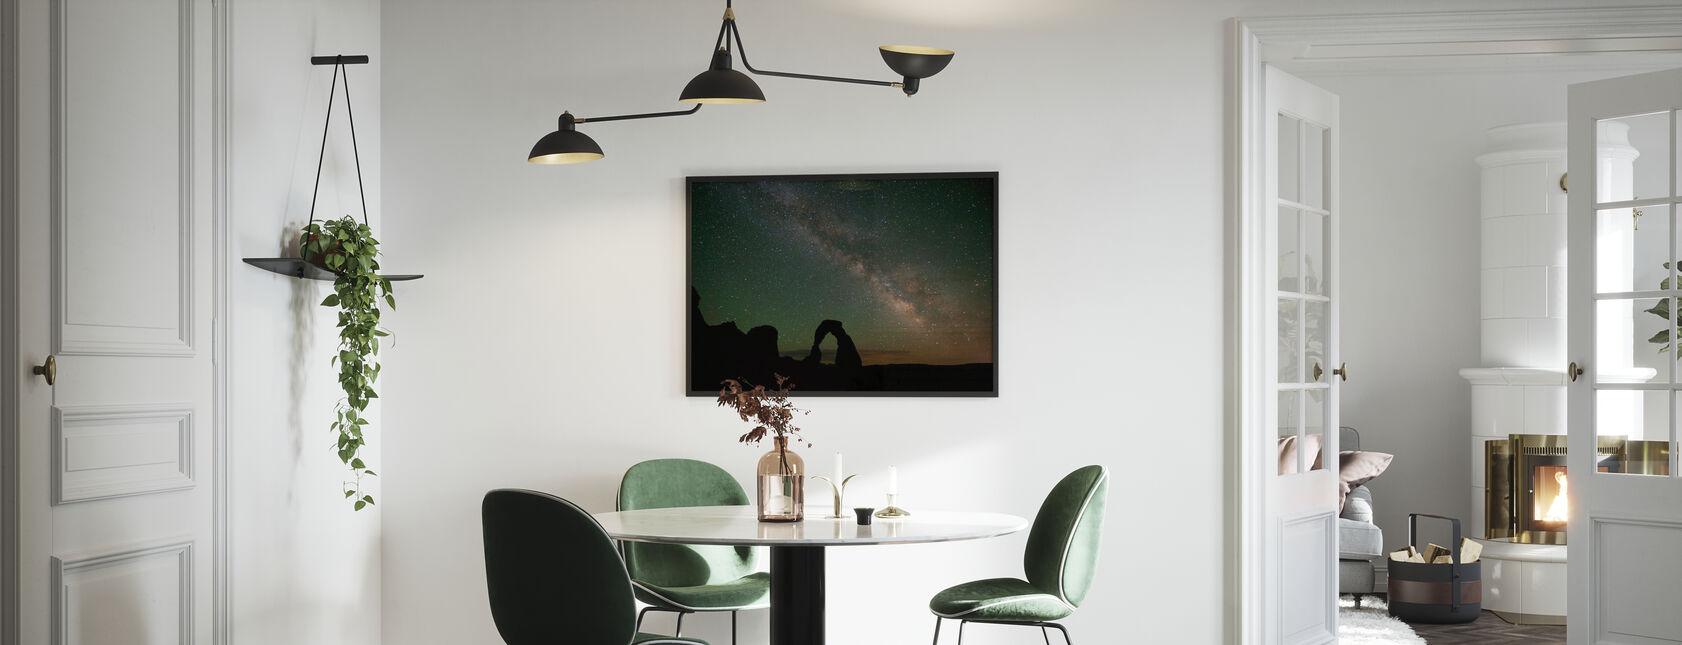 Kivi kaari ja Linnunrata - Kehystetty kuva - Keittiö